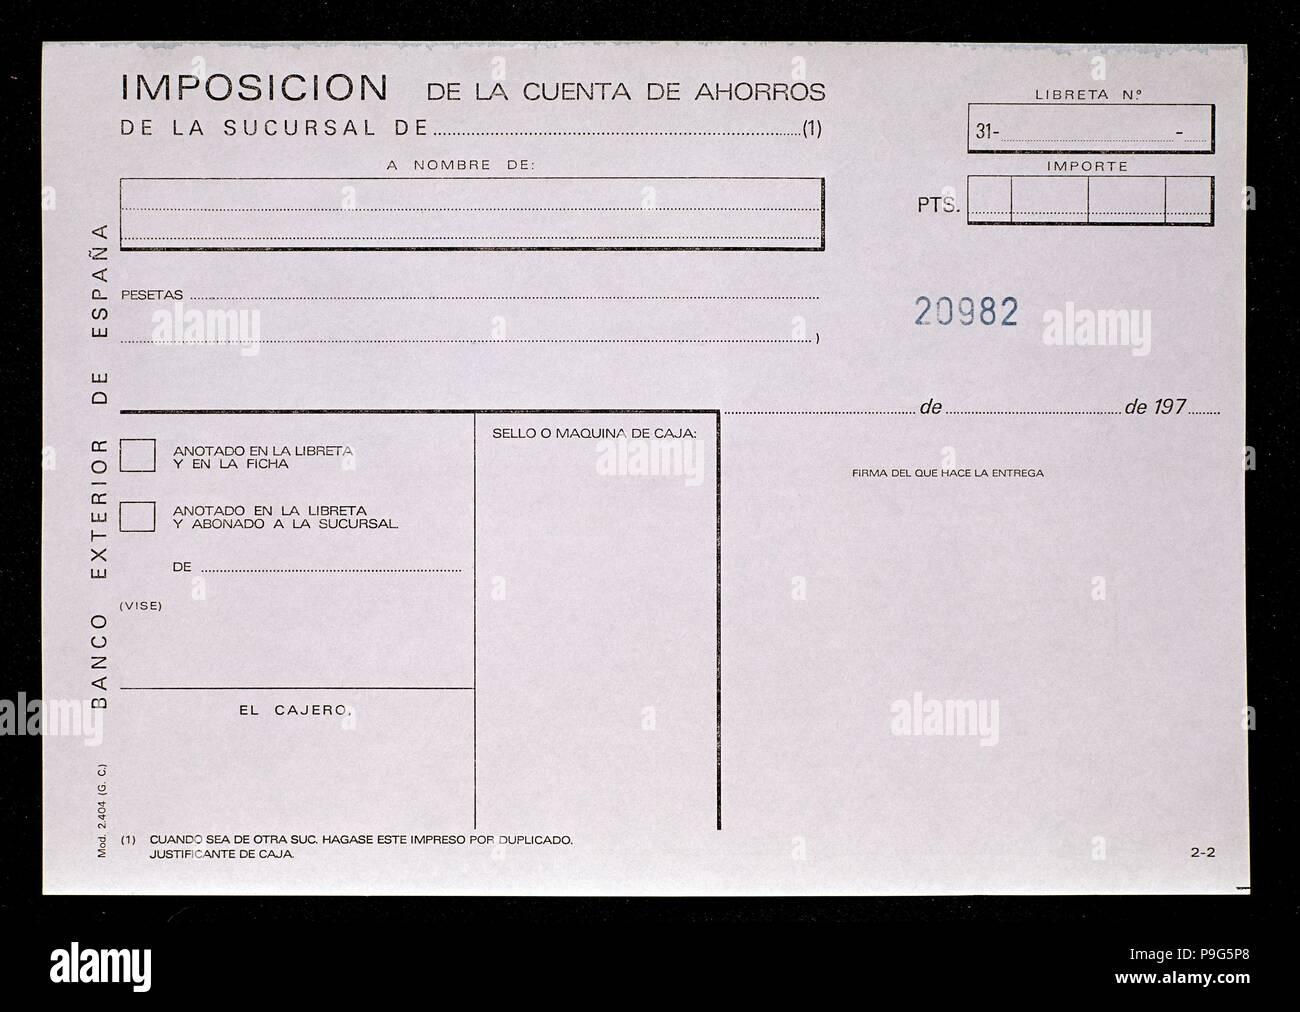 IMPOSICION DE CUENTA DE AHORROS. Location: BANCO EXTERIOR-INTERIOR, MADRID, SPAIN. - Stock Image